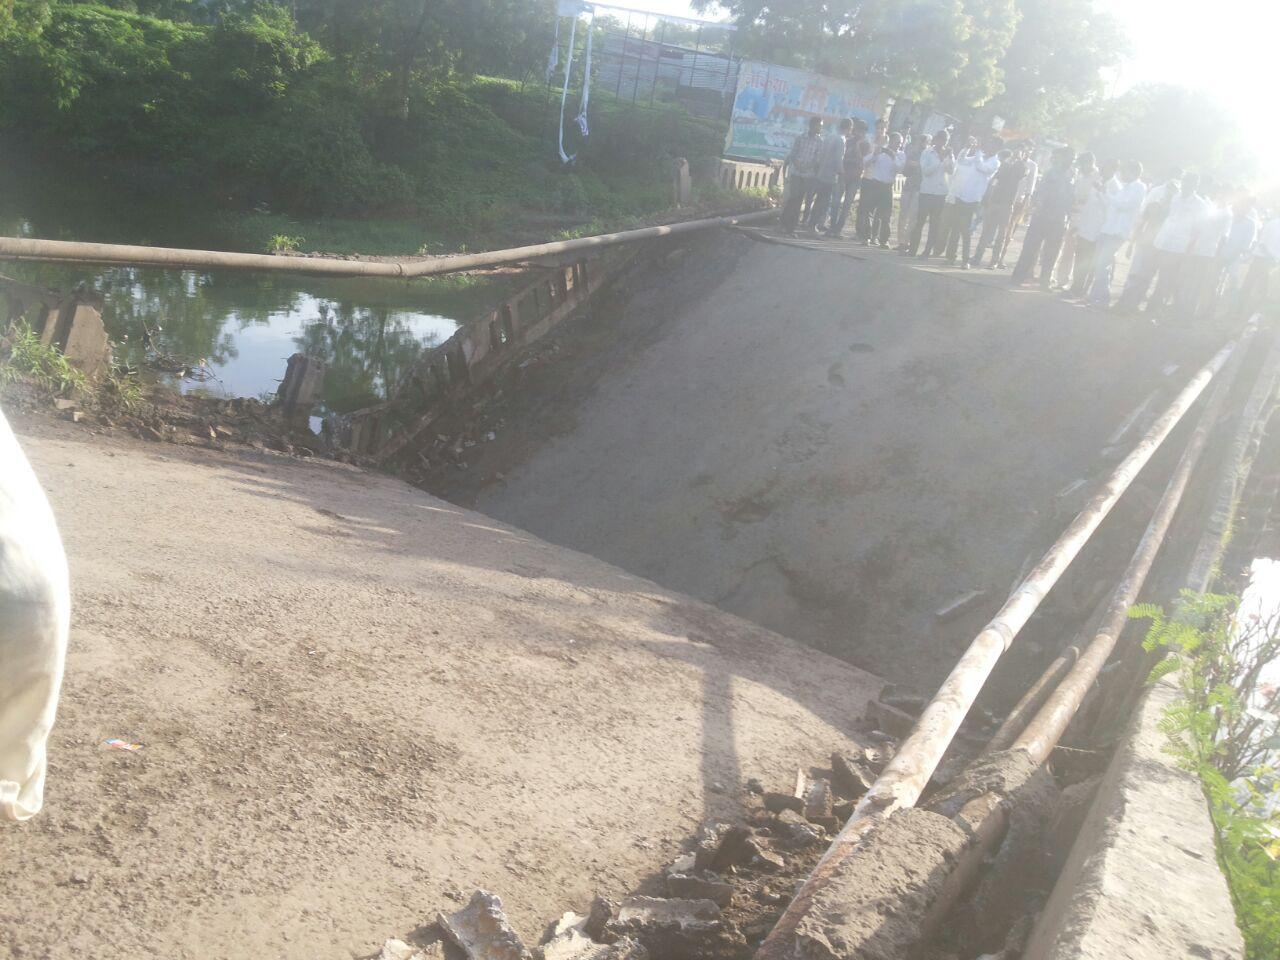 जळगाव जिल्ह्यातील सावदा इथे या रस्त्यावरील अशाच एका पुलाने आज अक्षरश आपला जीव टाकला